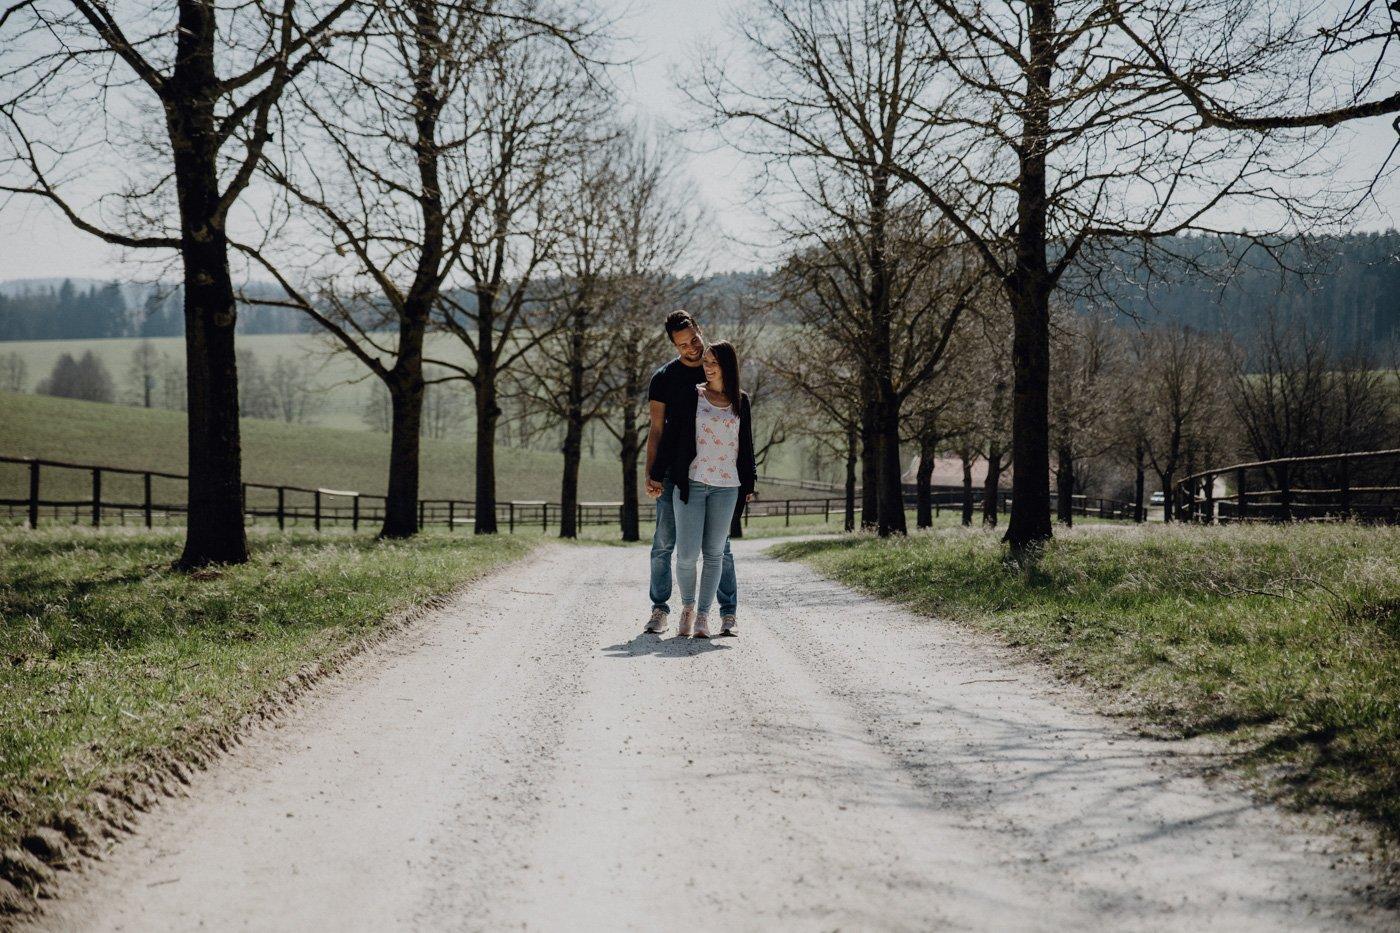 MSPaarshooting, Fotograf Landshut, Fotograf München, Hochzeitsfotograf Landshut, Hochzeitsfotograf München